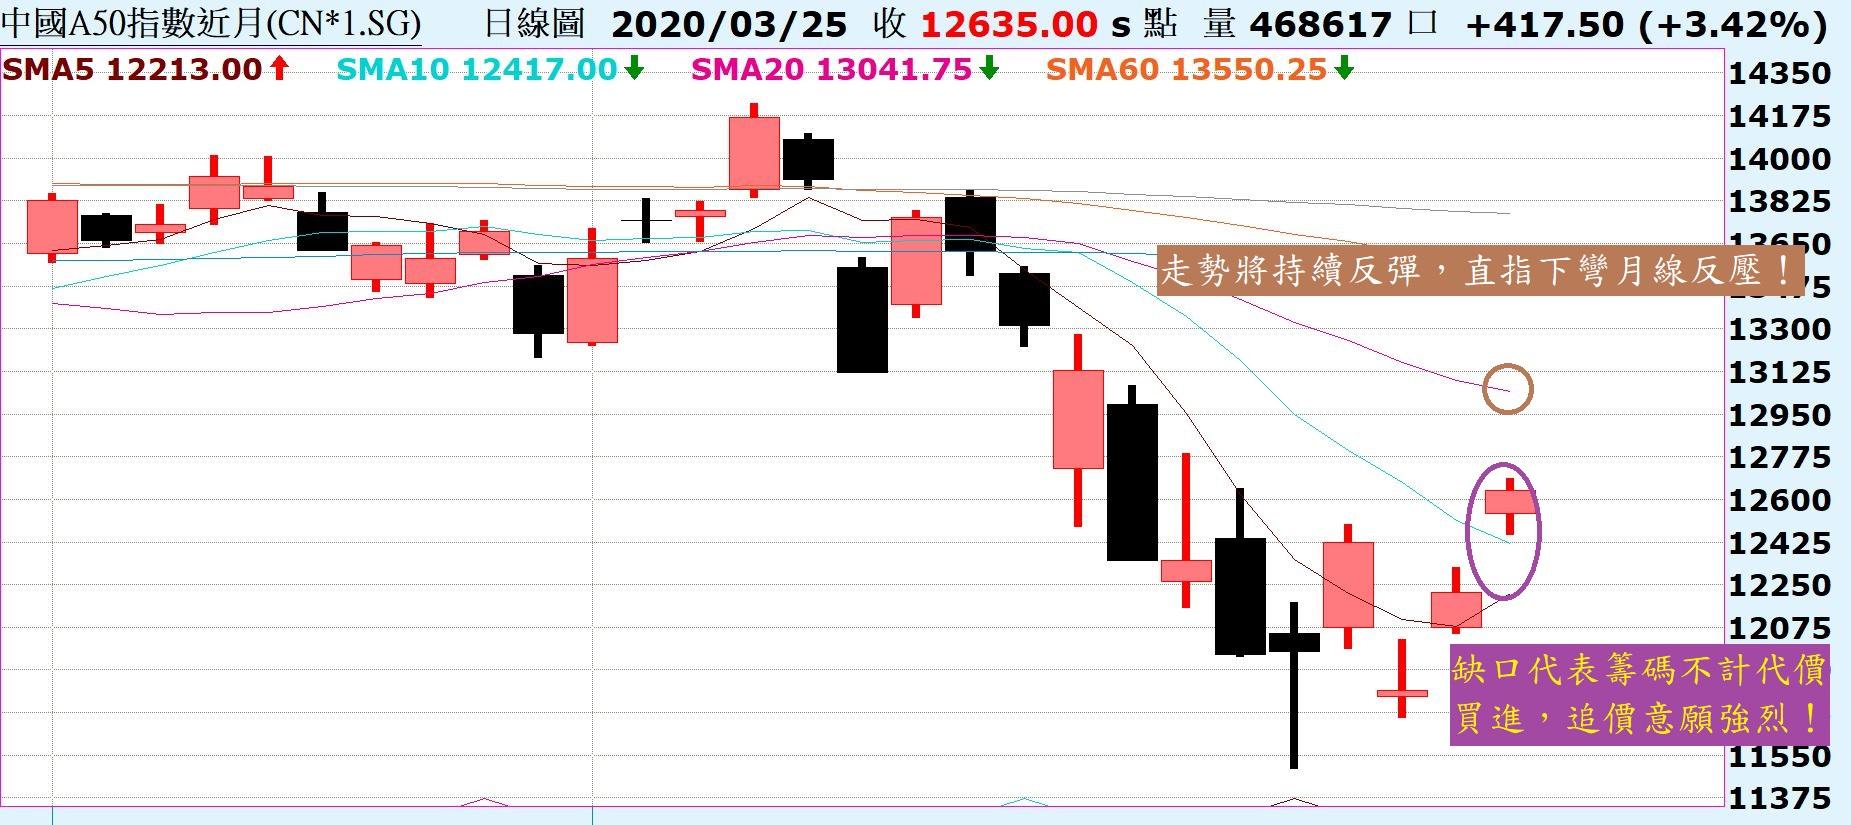 市場吹起一陣反彈風,走勢將持續向上反彈!_04